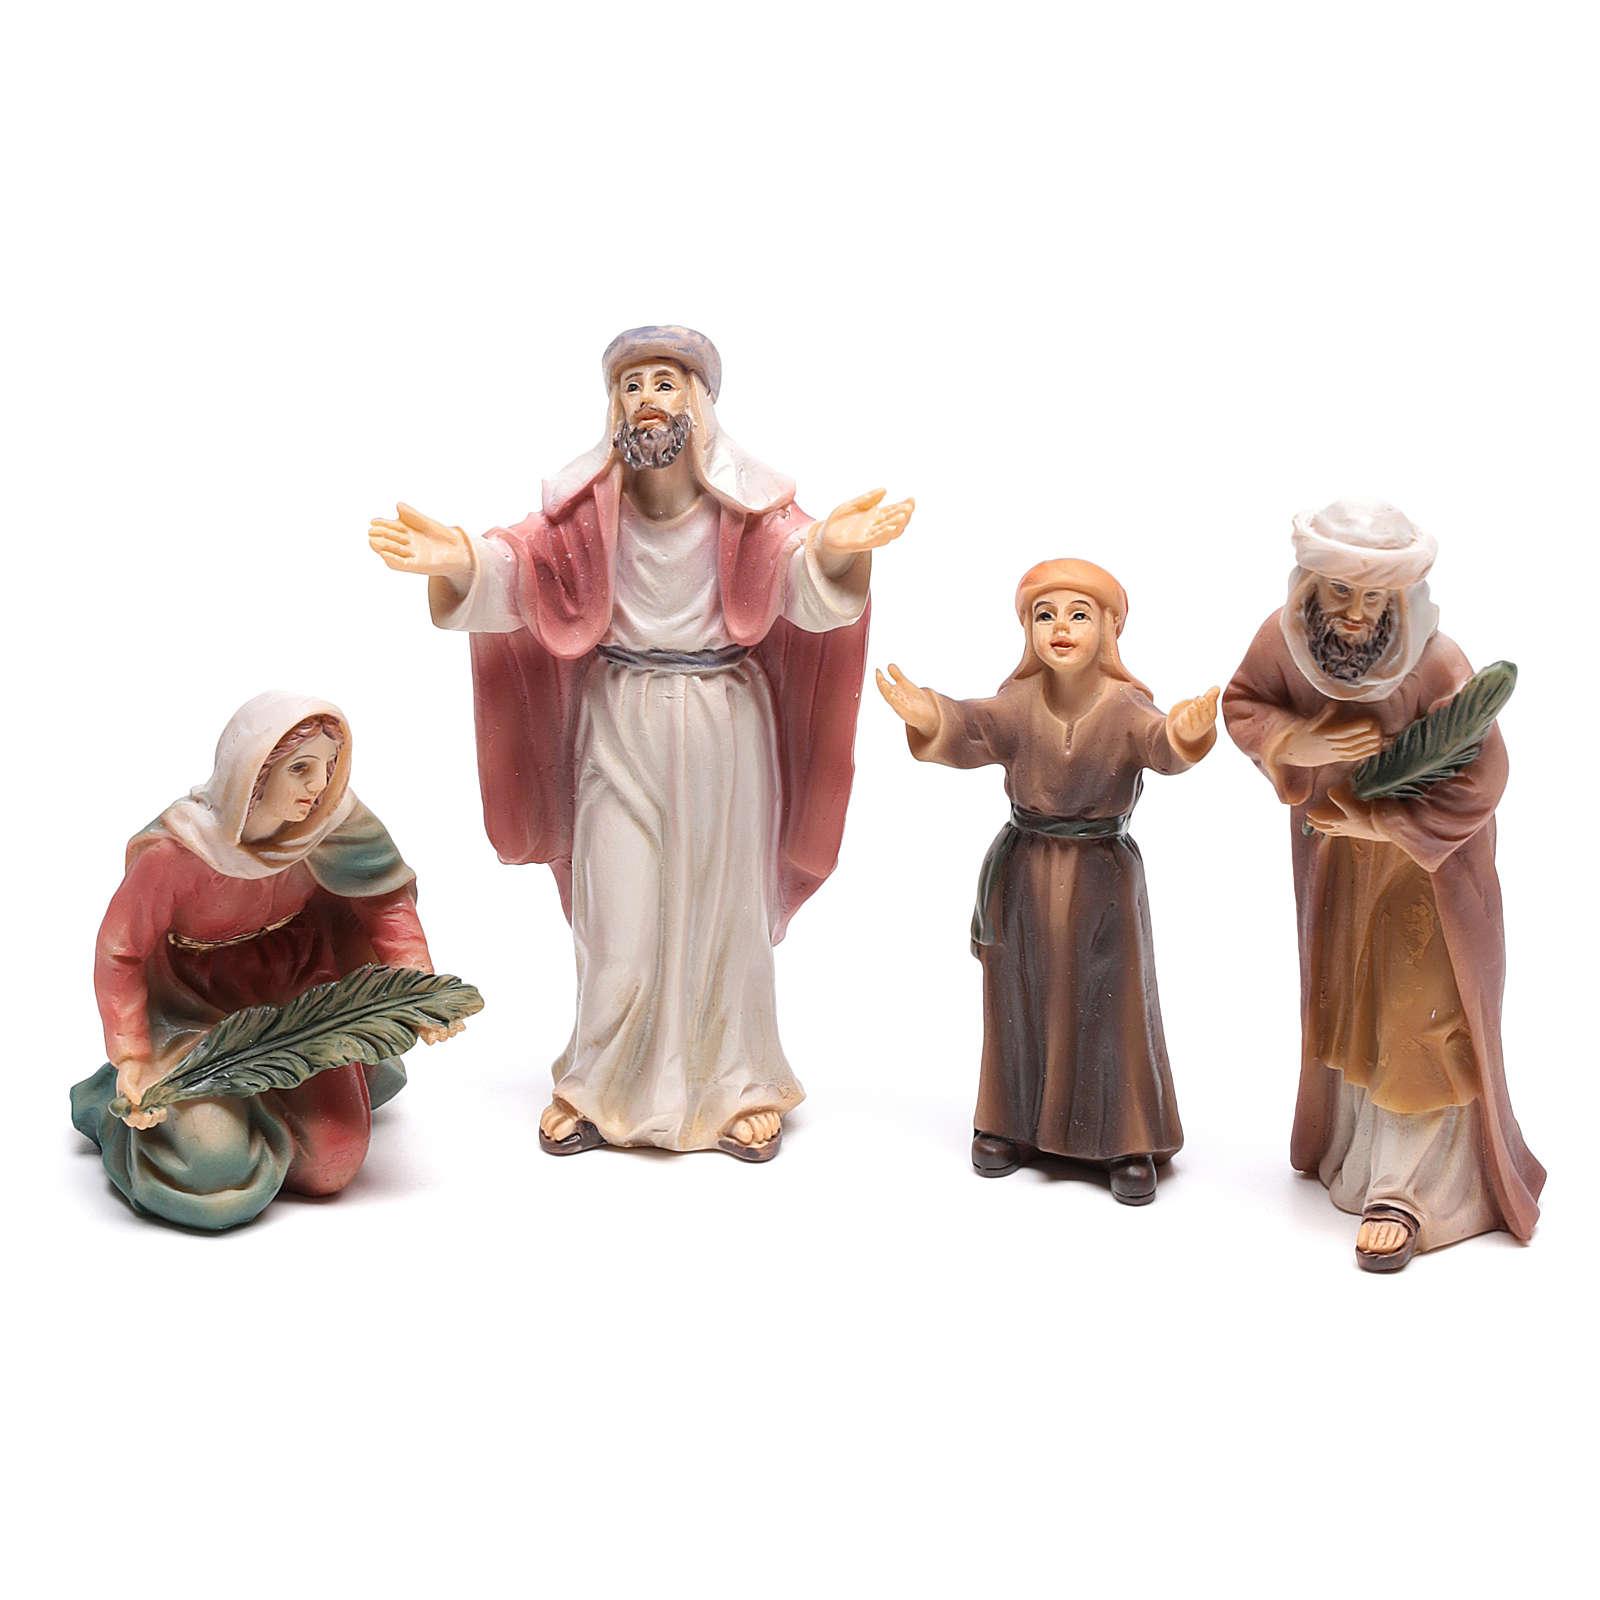 Statuine pastori ingresso di Gesù a Gerusalemme 9 cm 4